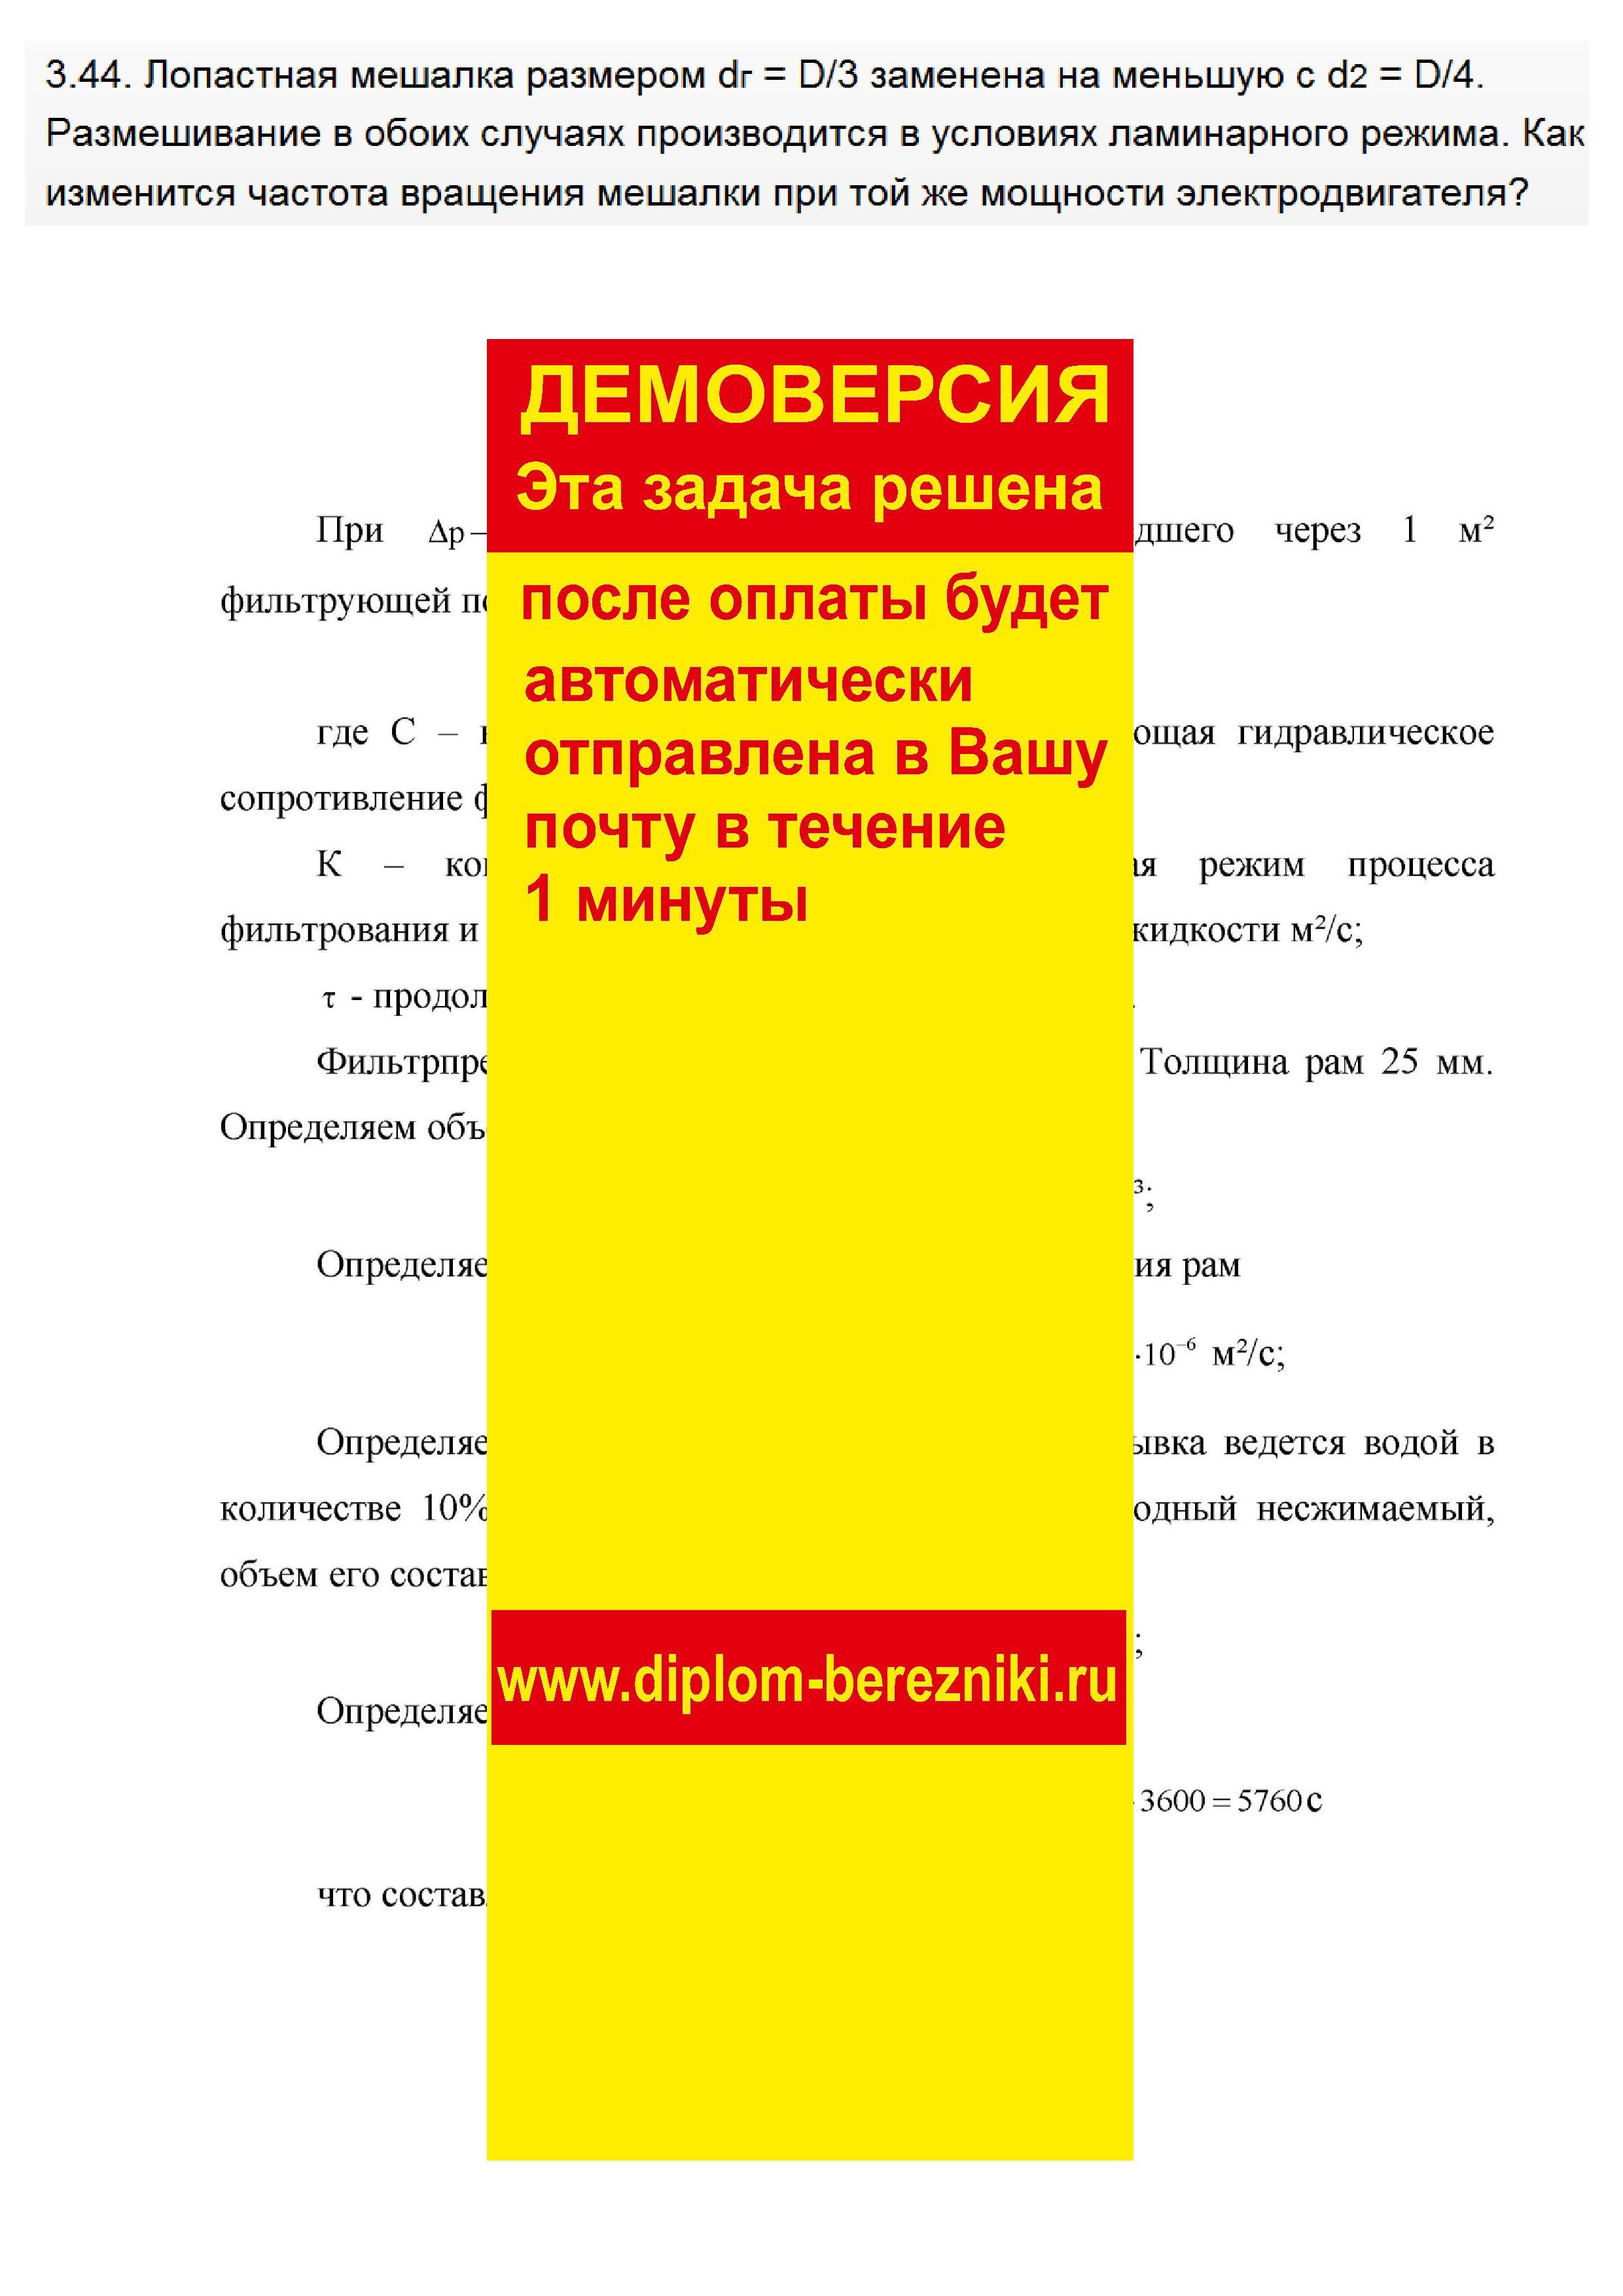 Решение задачи 3.44 по ПАХТ из задачника Павлова Романкова Носкова